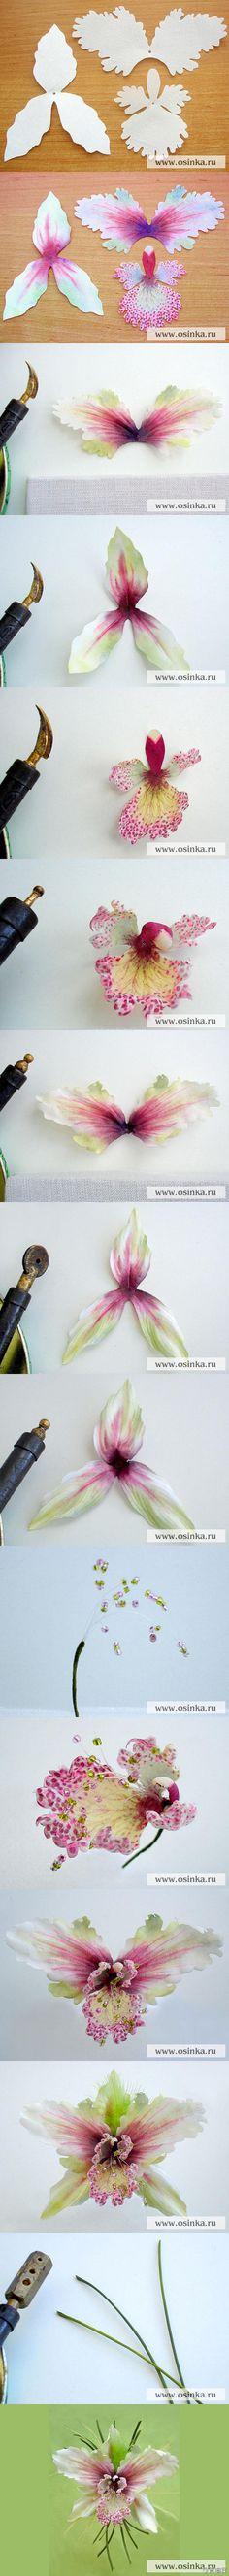 布花教程—兰花,木啥好说的,需要用到烫花... 来自青墙君 - 微博